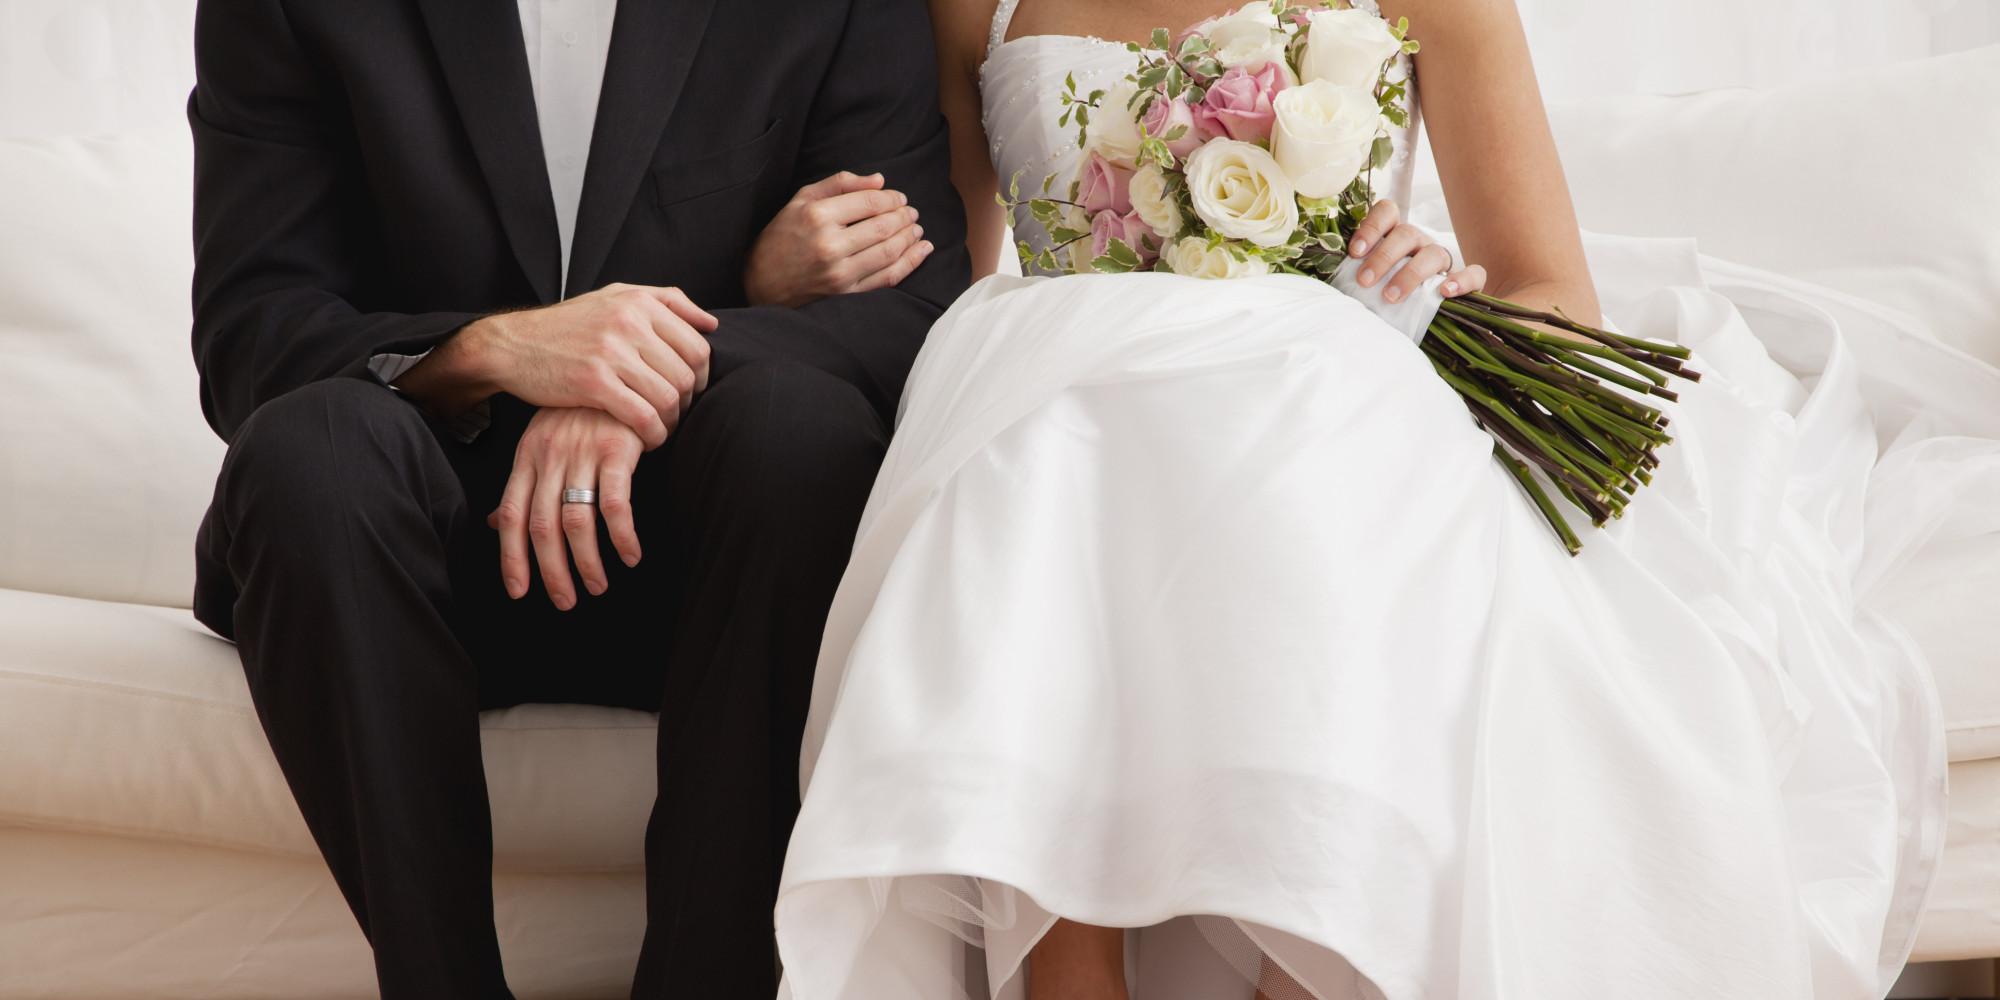 O marriage facebook